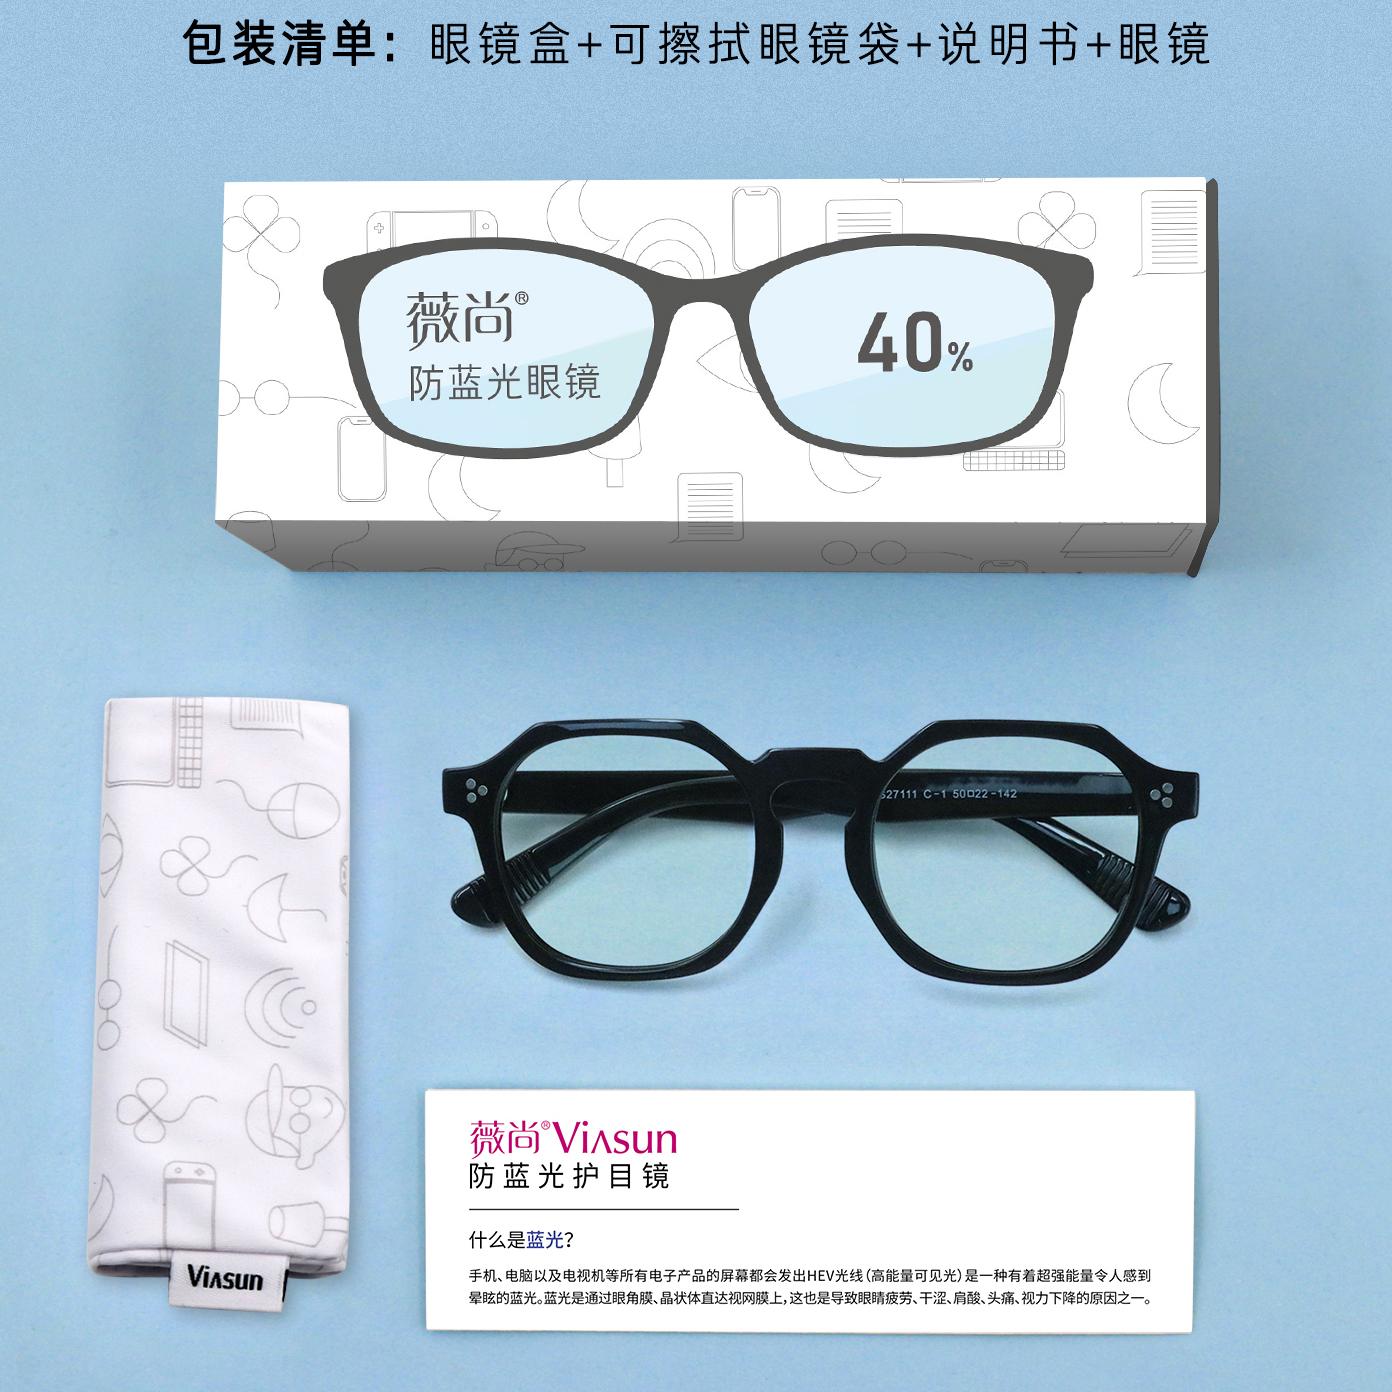 20  27111 年新款防蓝光手机电脑护目镜防疲劳眼镜 8991 薇尚